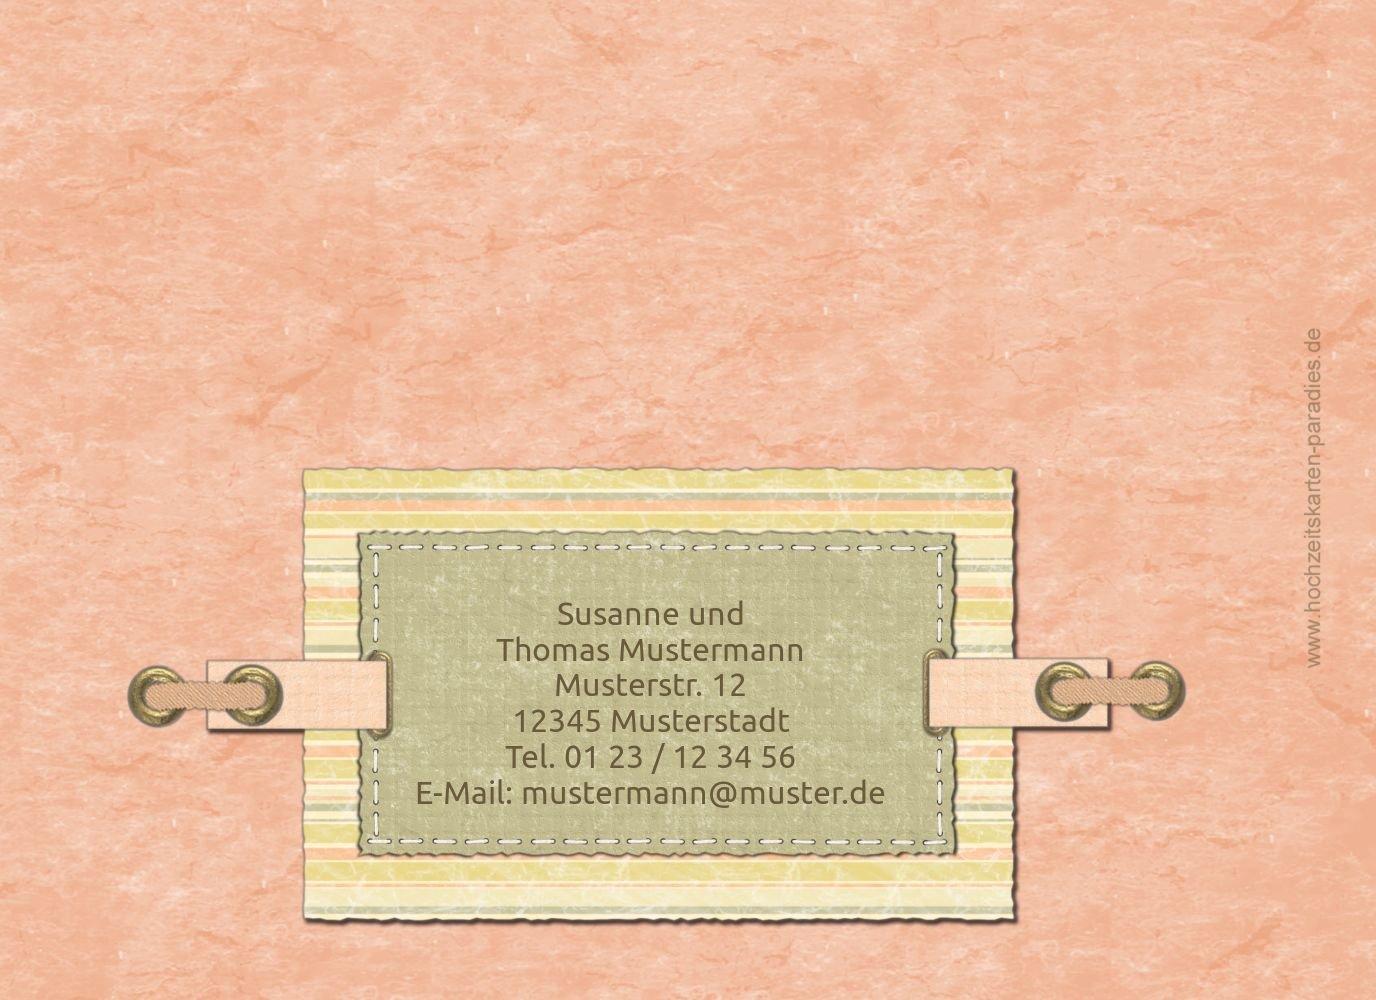 Kartenparadies Danksagung für Hochzeitsgeschenke Hochzeit Dankeskarte Bund für's Leben, Leben, Leben, hochwertige Danksagungskarte Hochzeitsglückwünsche inklusive Umschläge   20 Karten - (Format  148x105 mm) Farbe  LilaFlieder B01NBWSJCF | Sehr 3f1618